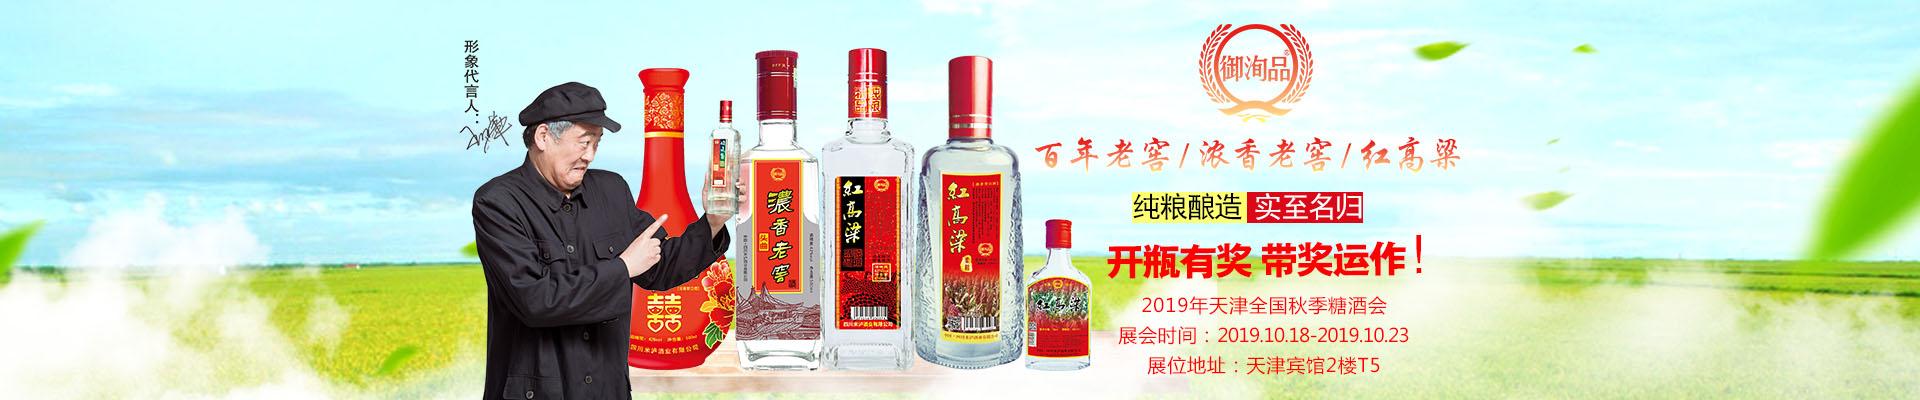 四川米泸酒业有限公司